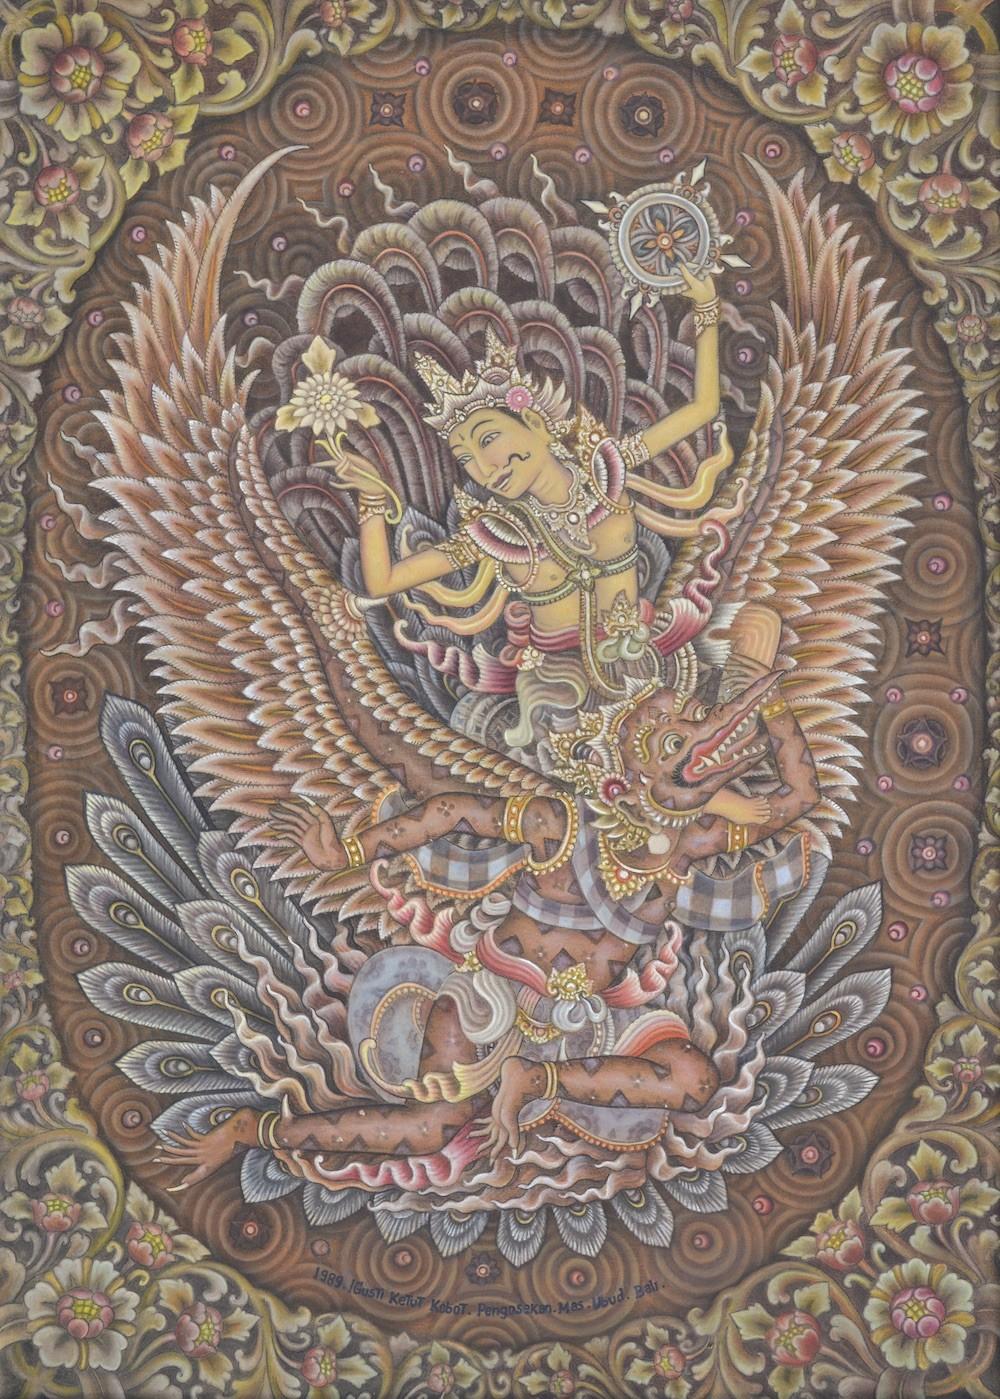 'Garuda Wisnu' by Gusti Ketut Kobot